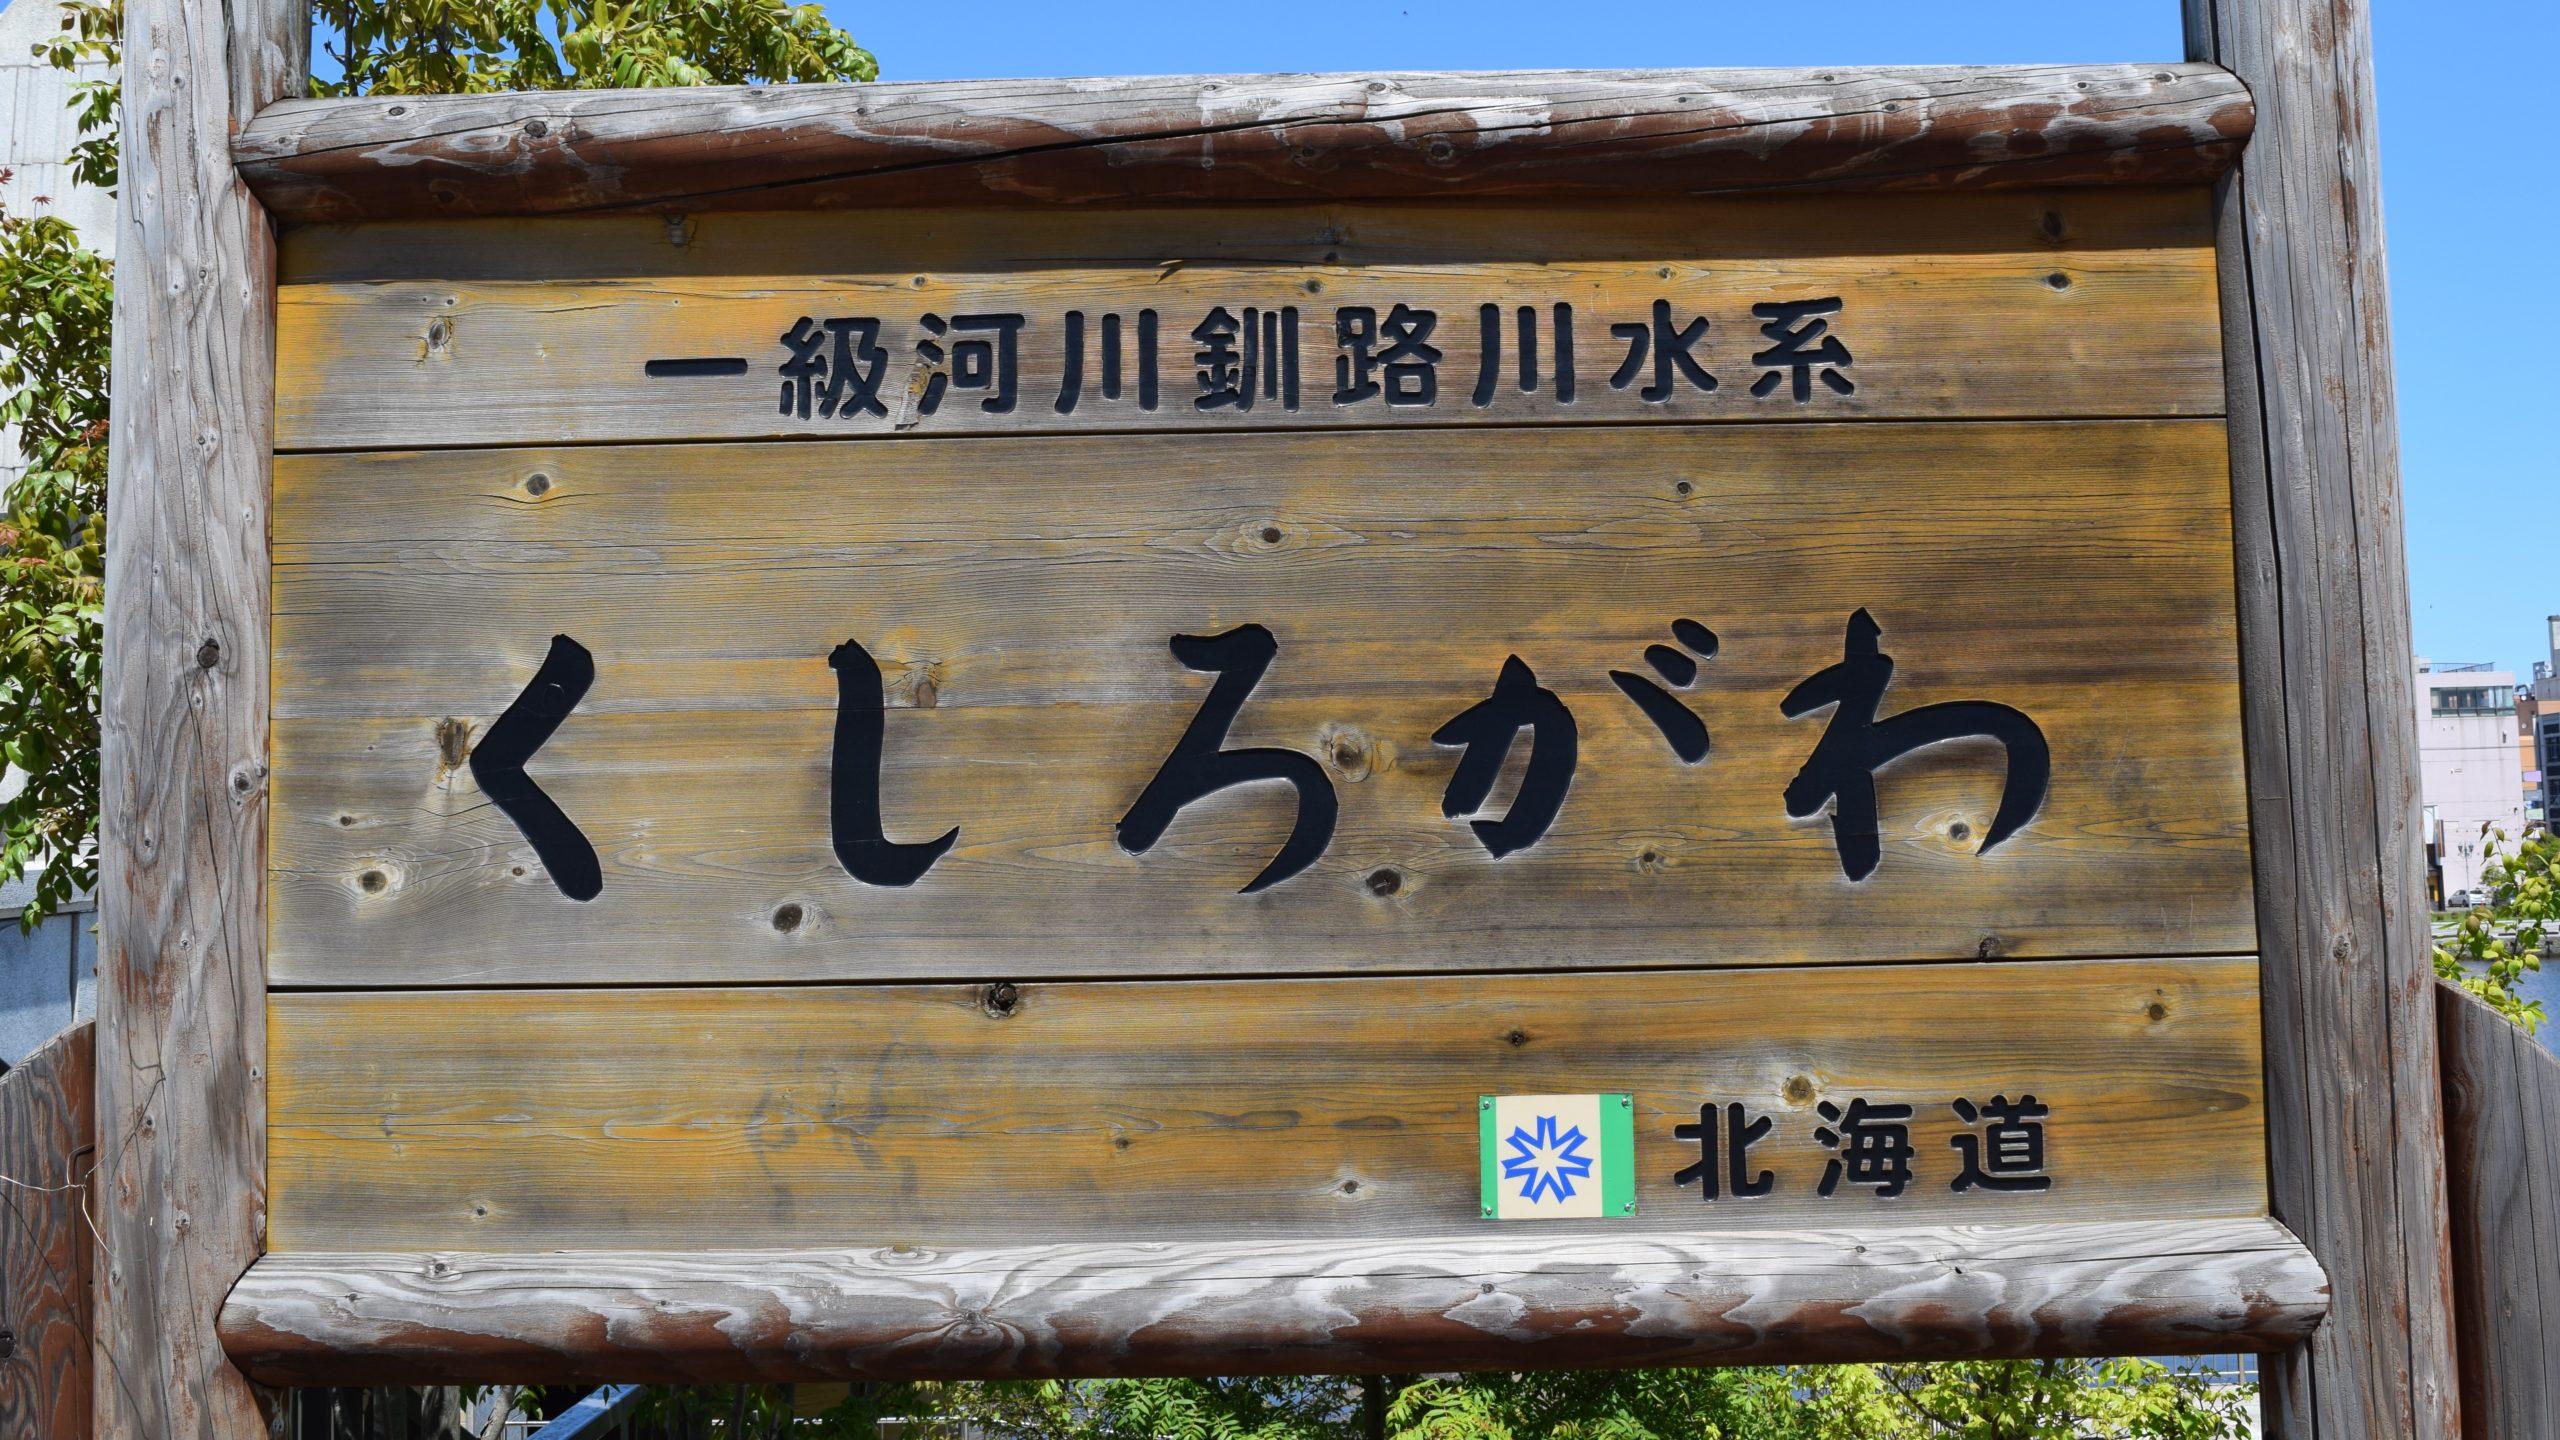 釧路川の河川ライブカメラ一覧